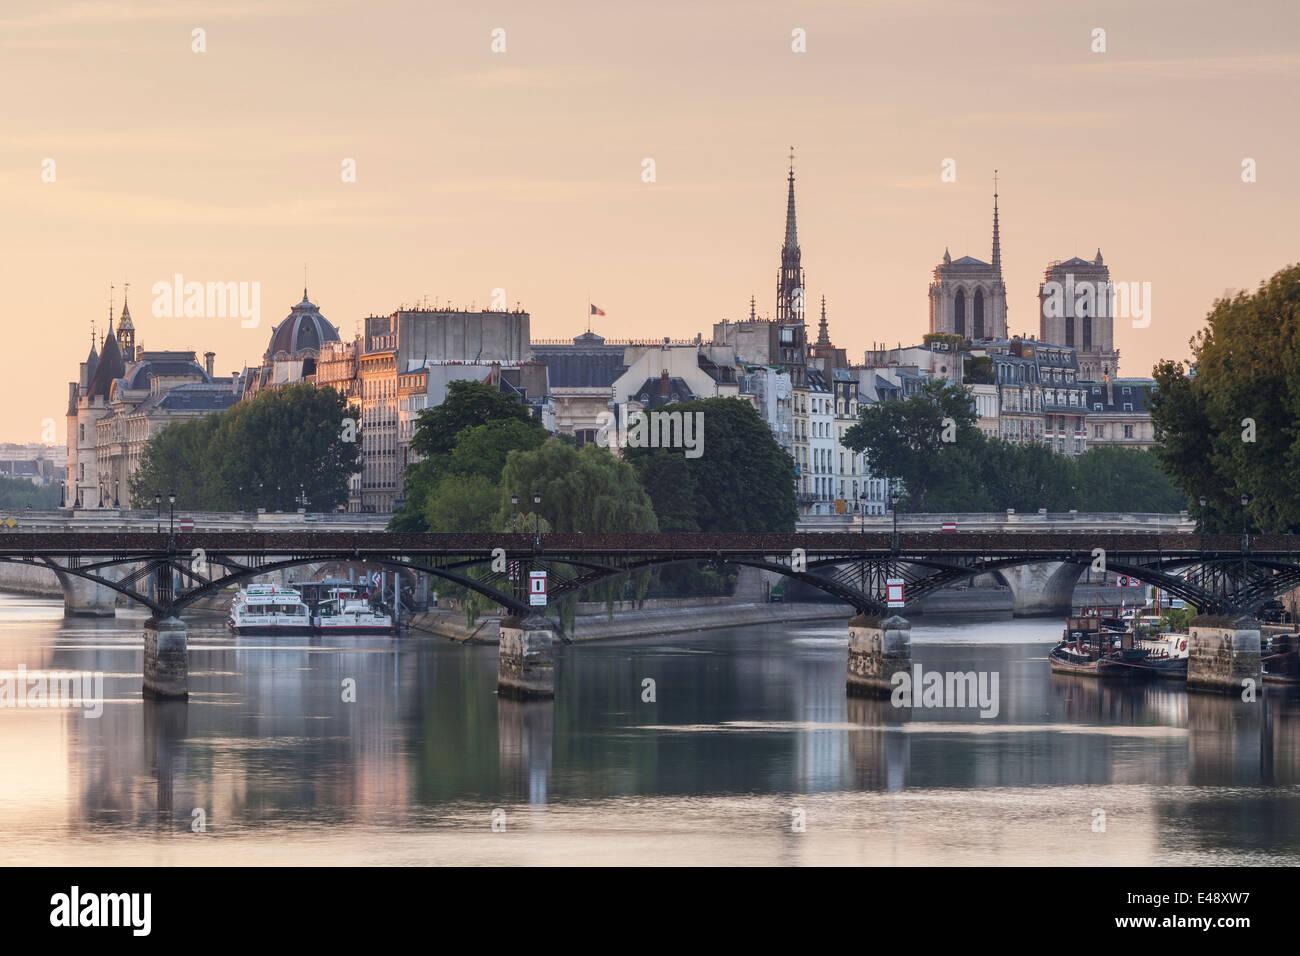 The Pont des Arts with Ile de la Cite in the background. The Ile is home to monuments such as Notre Dame de Paris - Stock Image